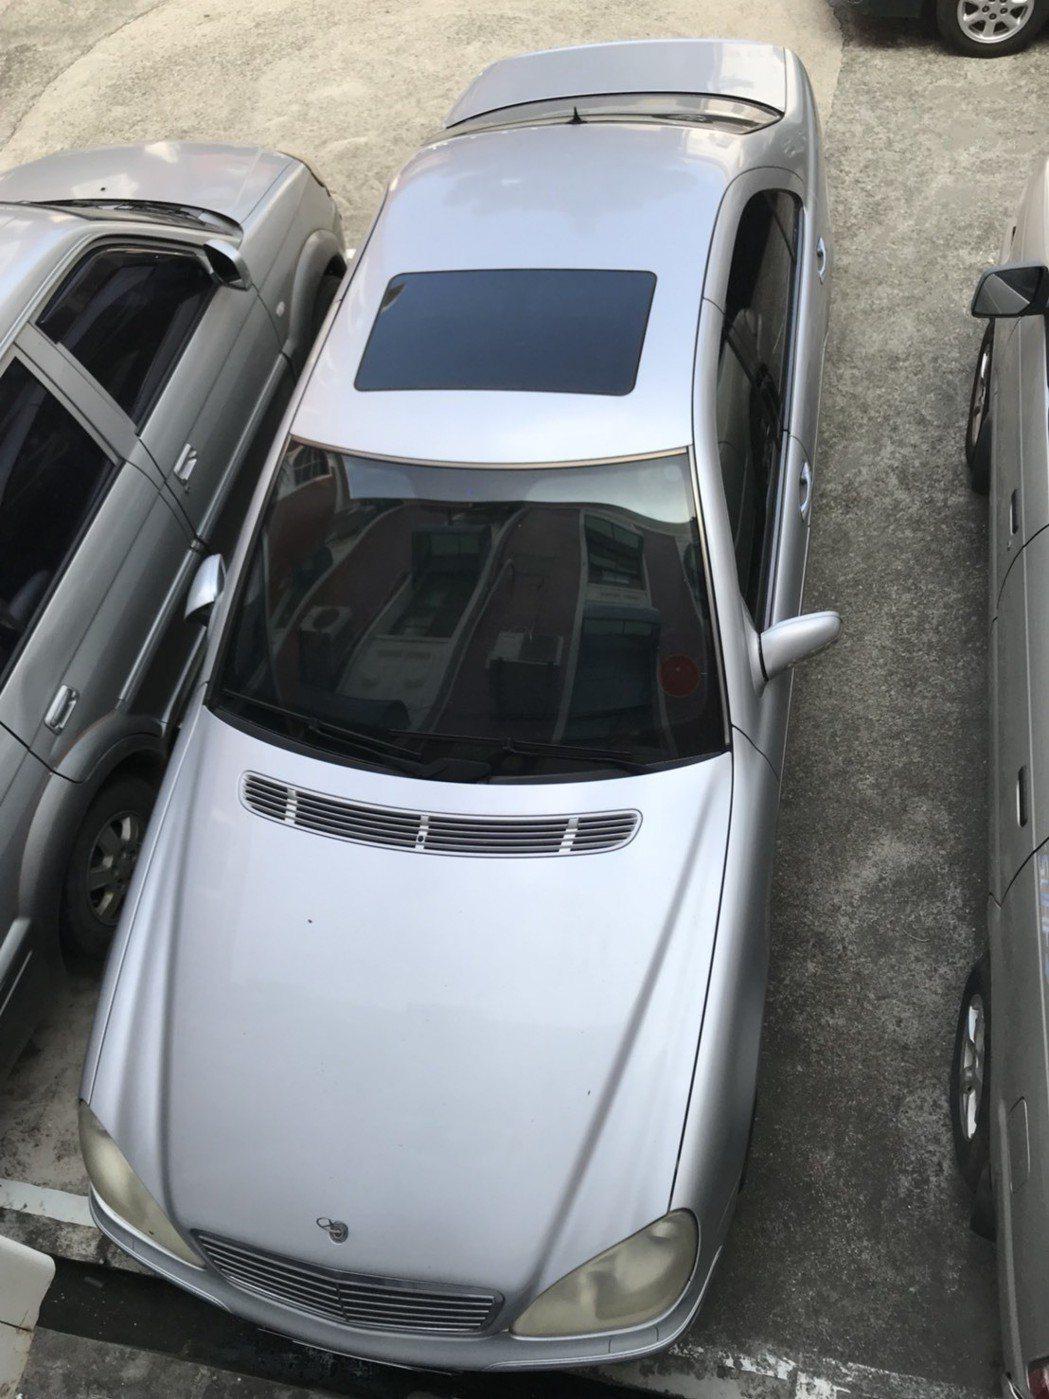 賓士S320積欠45萬餘元的稅費與罰鍰,得標民眾仍須繳清。圖/台南分署提供